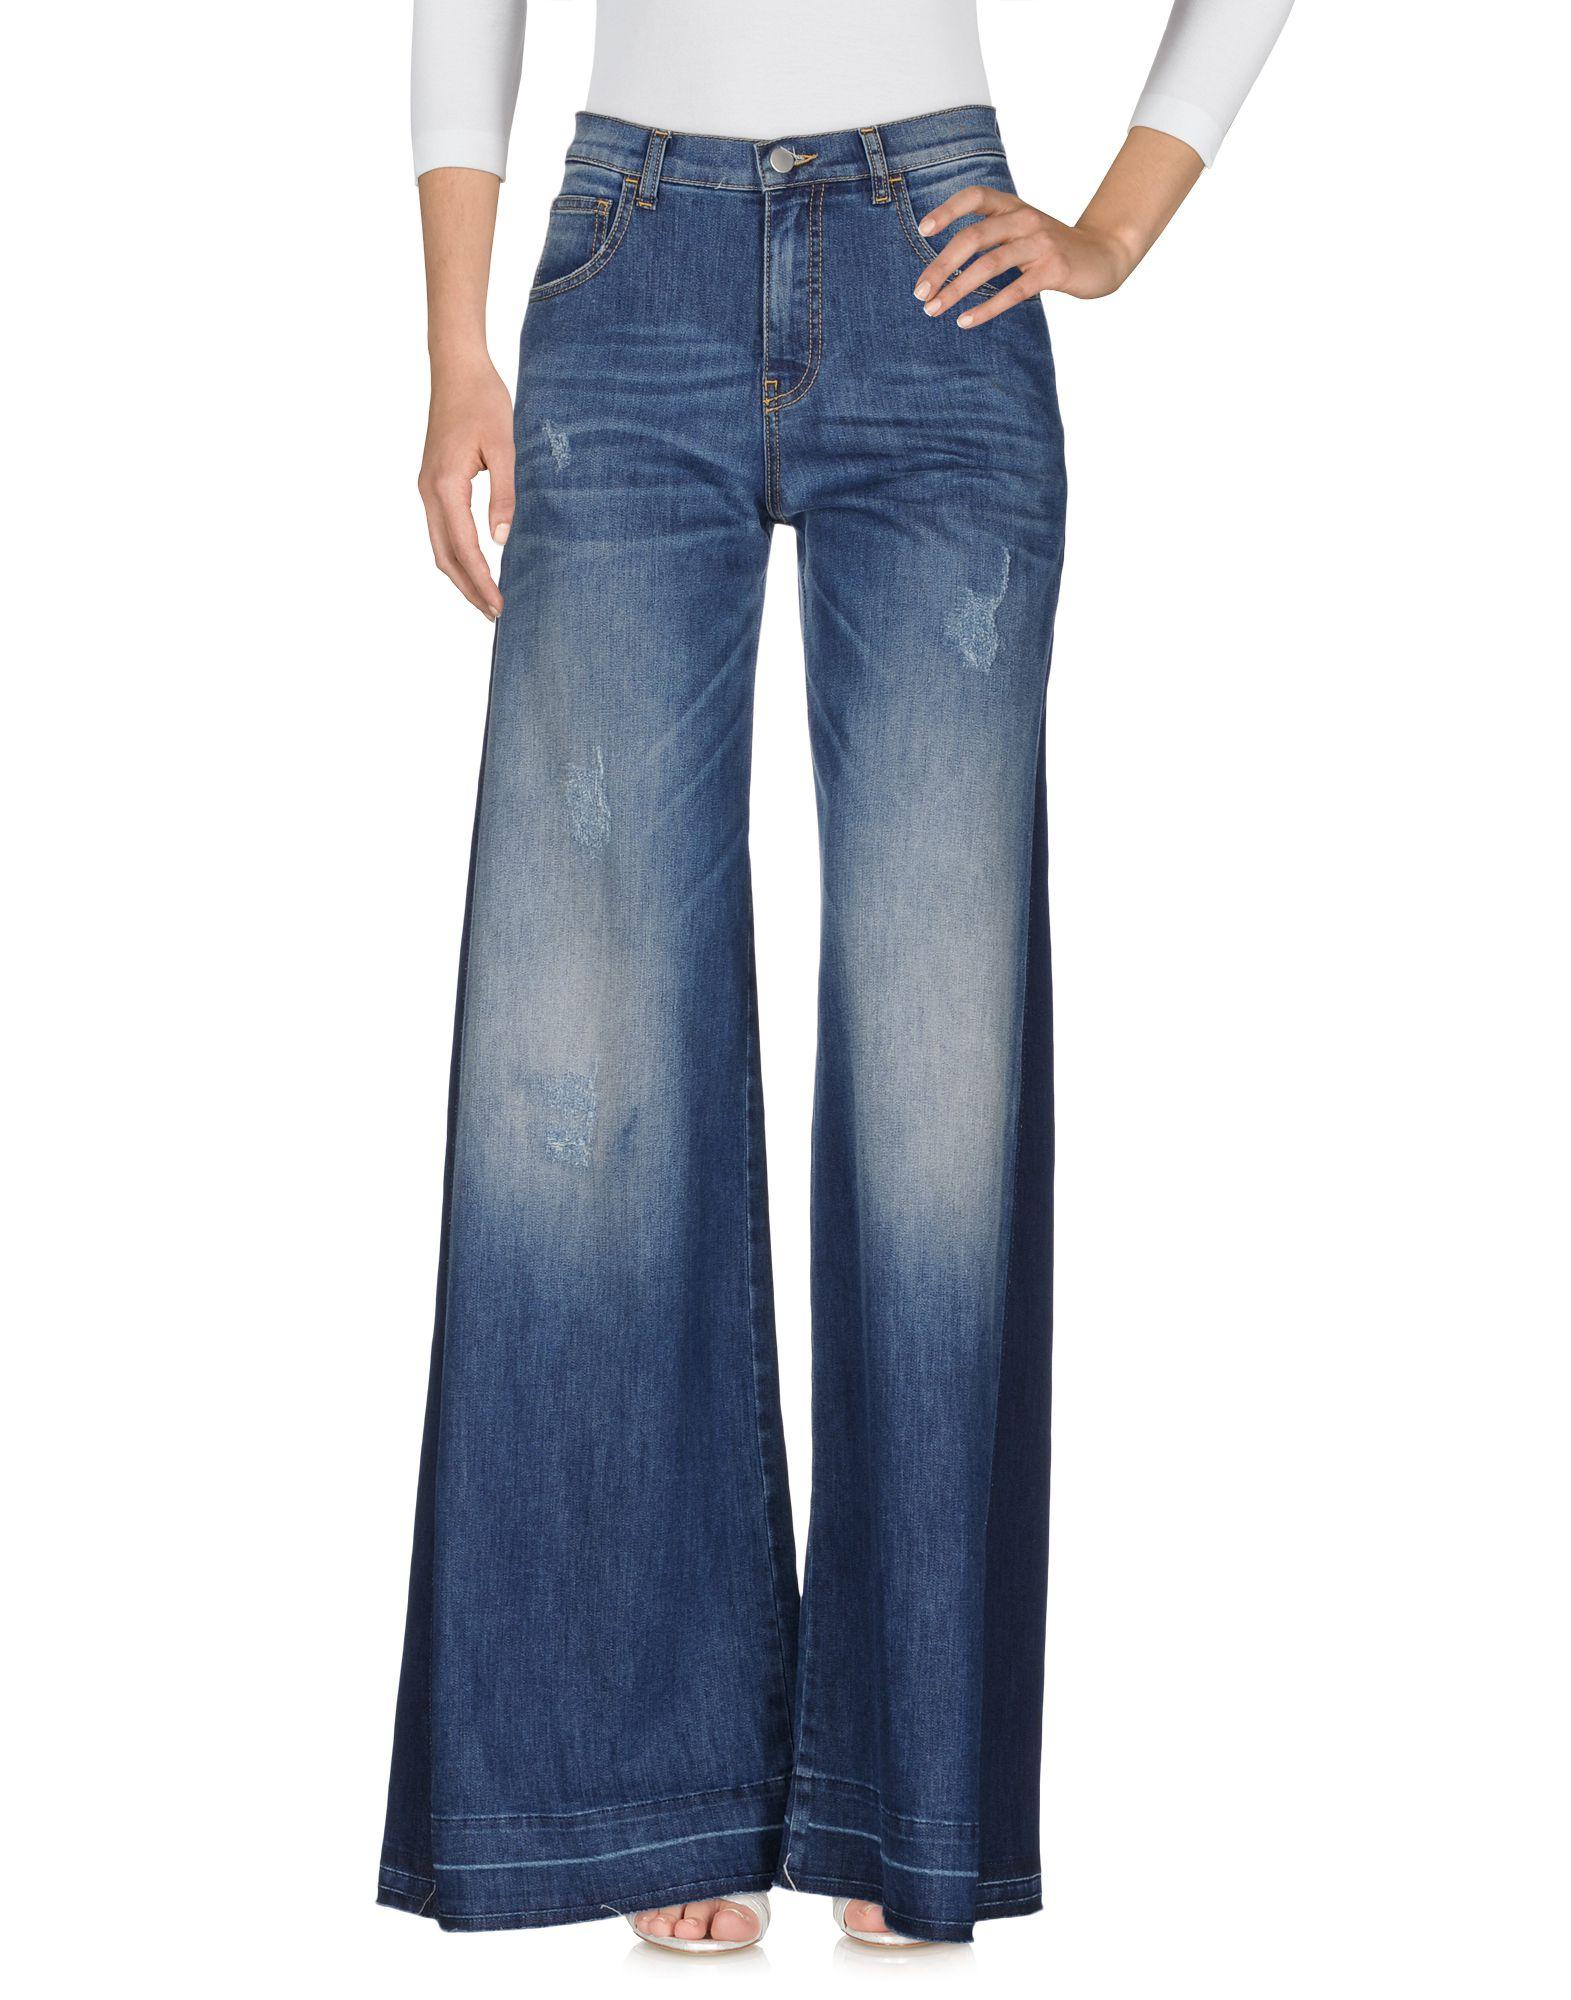 Pantaloni Jeans .Amen. Donna - Acquista online su 3N9Gnk7Z